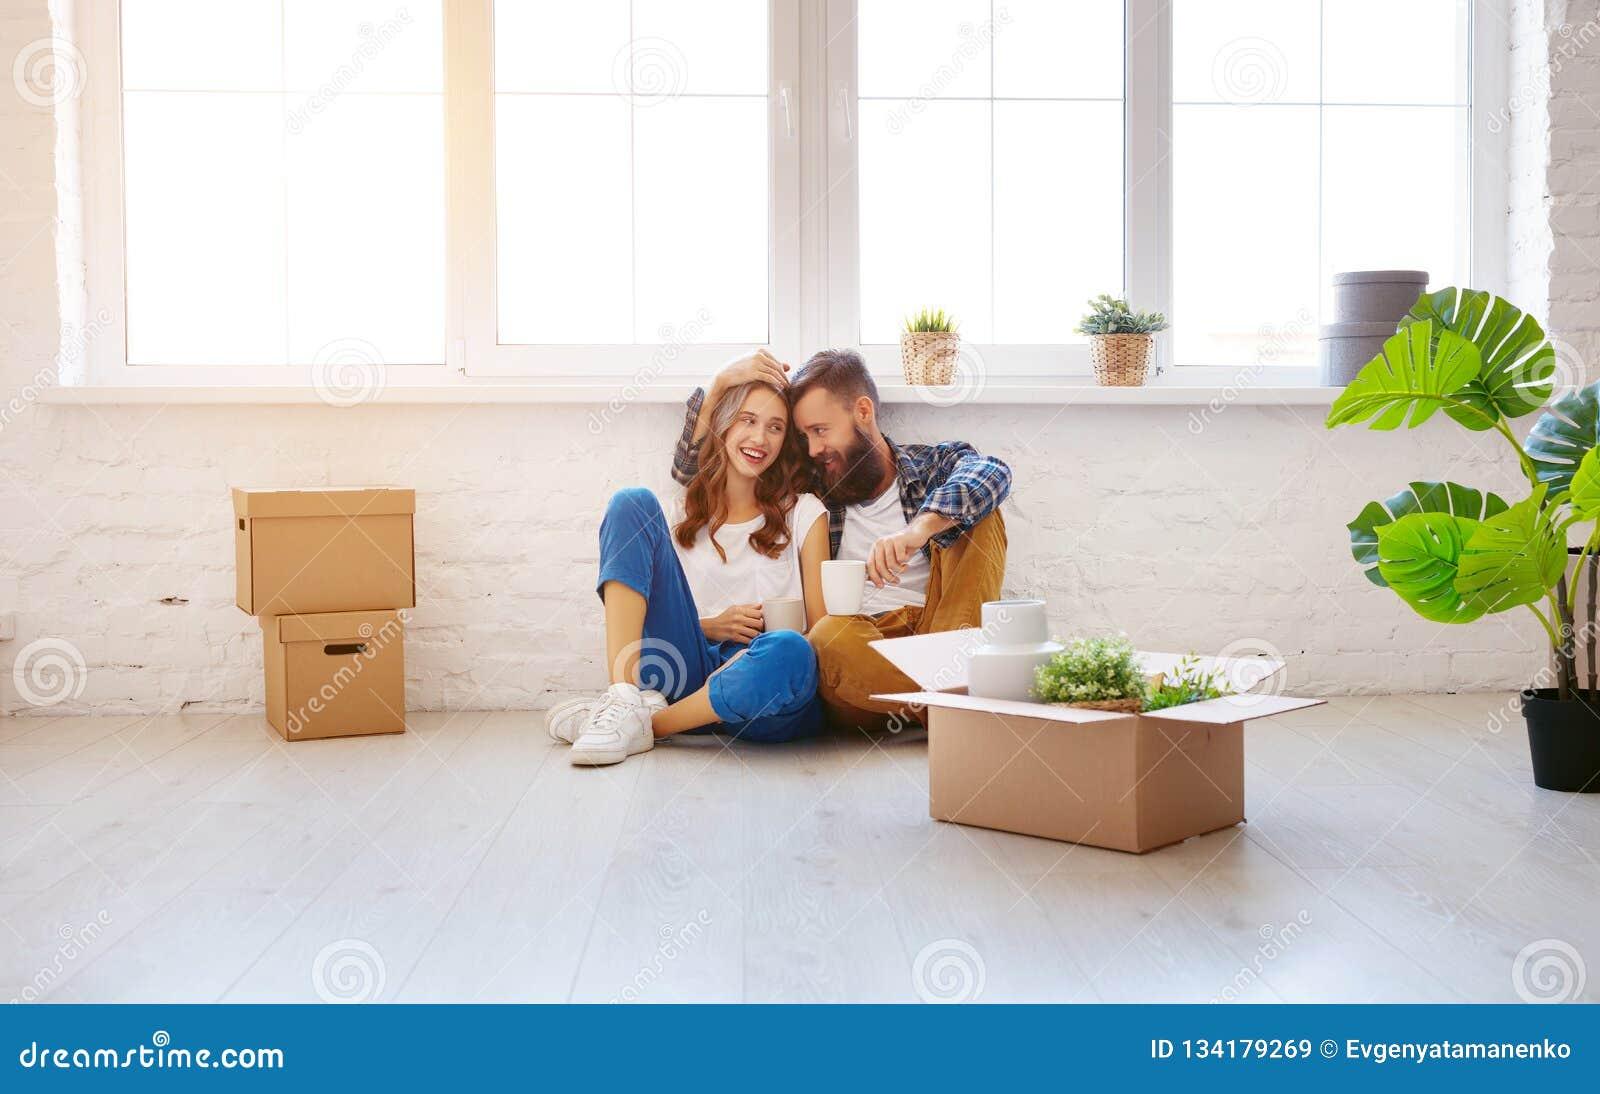 La giovane coppia sposata felice si muove verso il nuovo appartamento